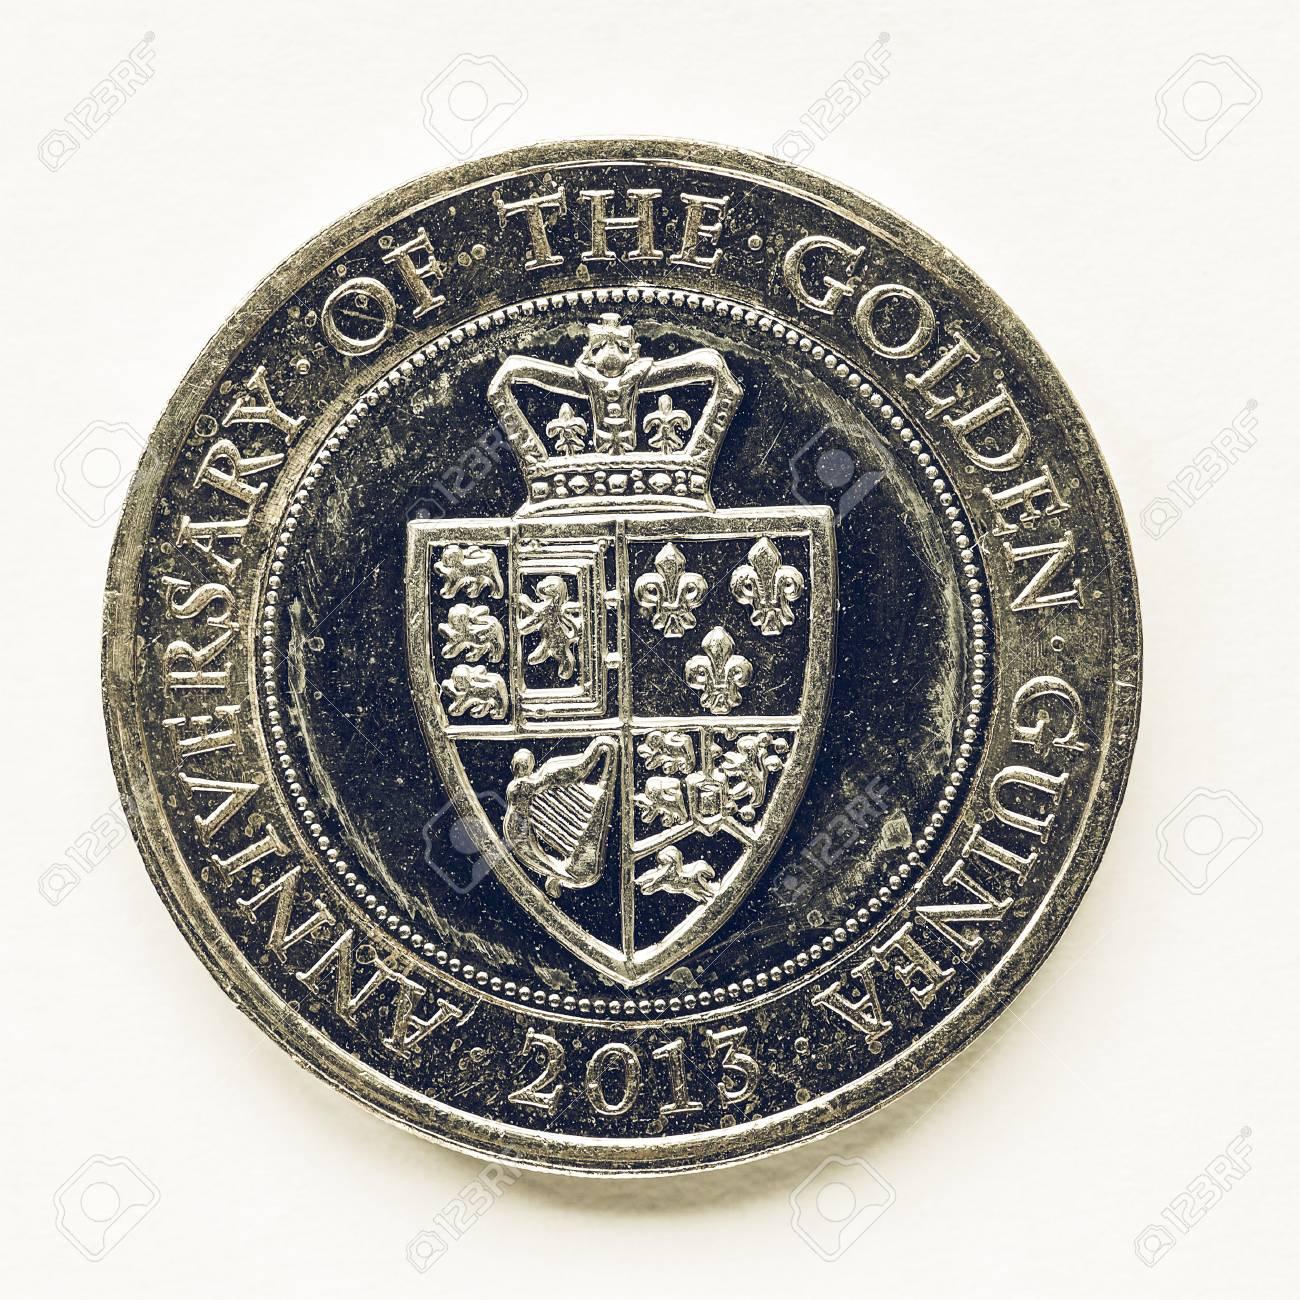 Jahrgang Suchen Währung Des Vereinigten Königreichs 2 Pfund Münze